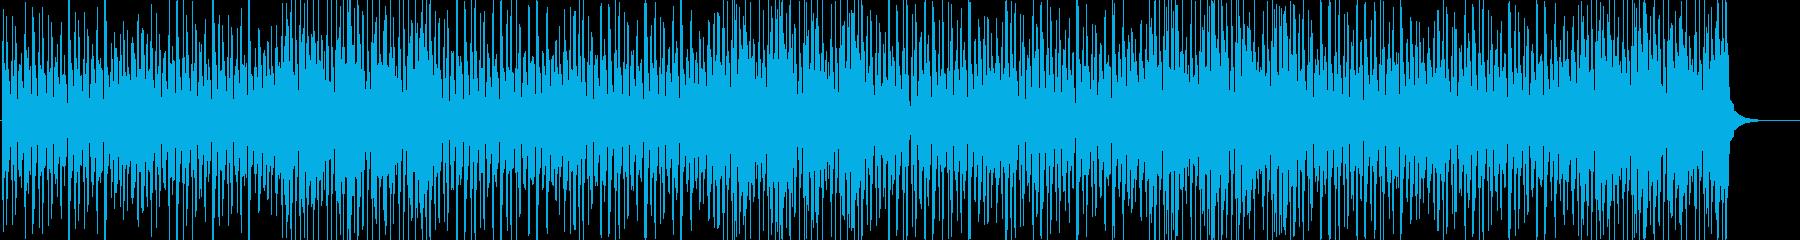 大人でジャジーで軽快なリズムのBGMの再生済みの波形